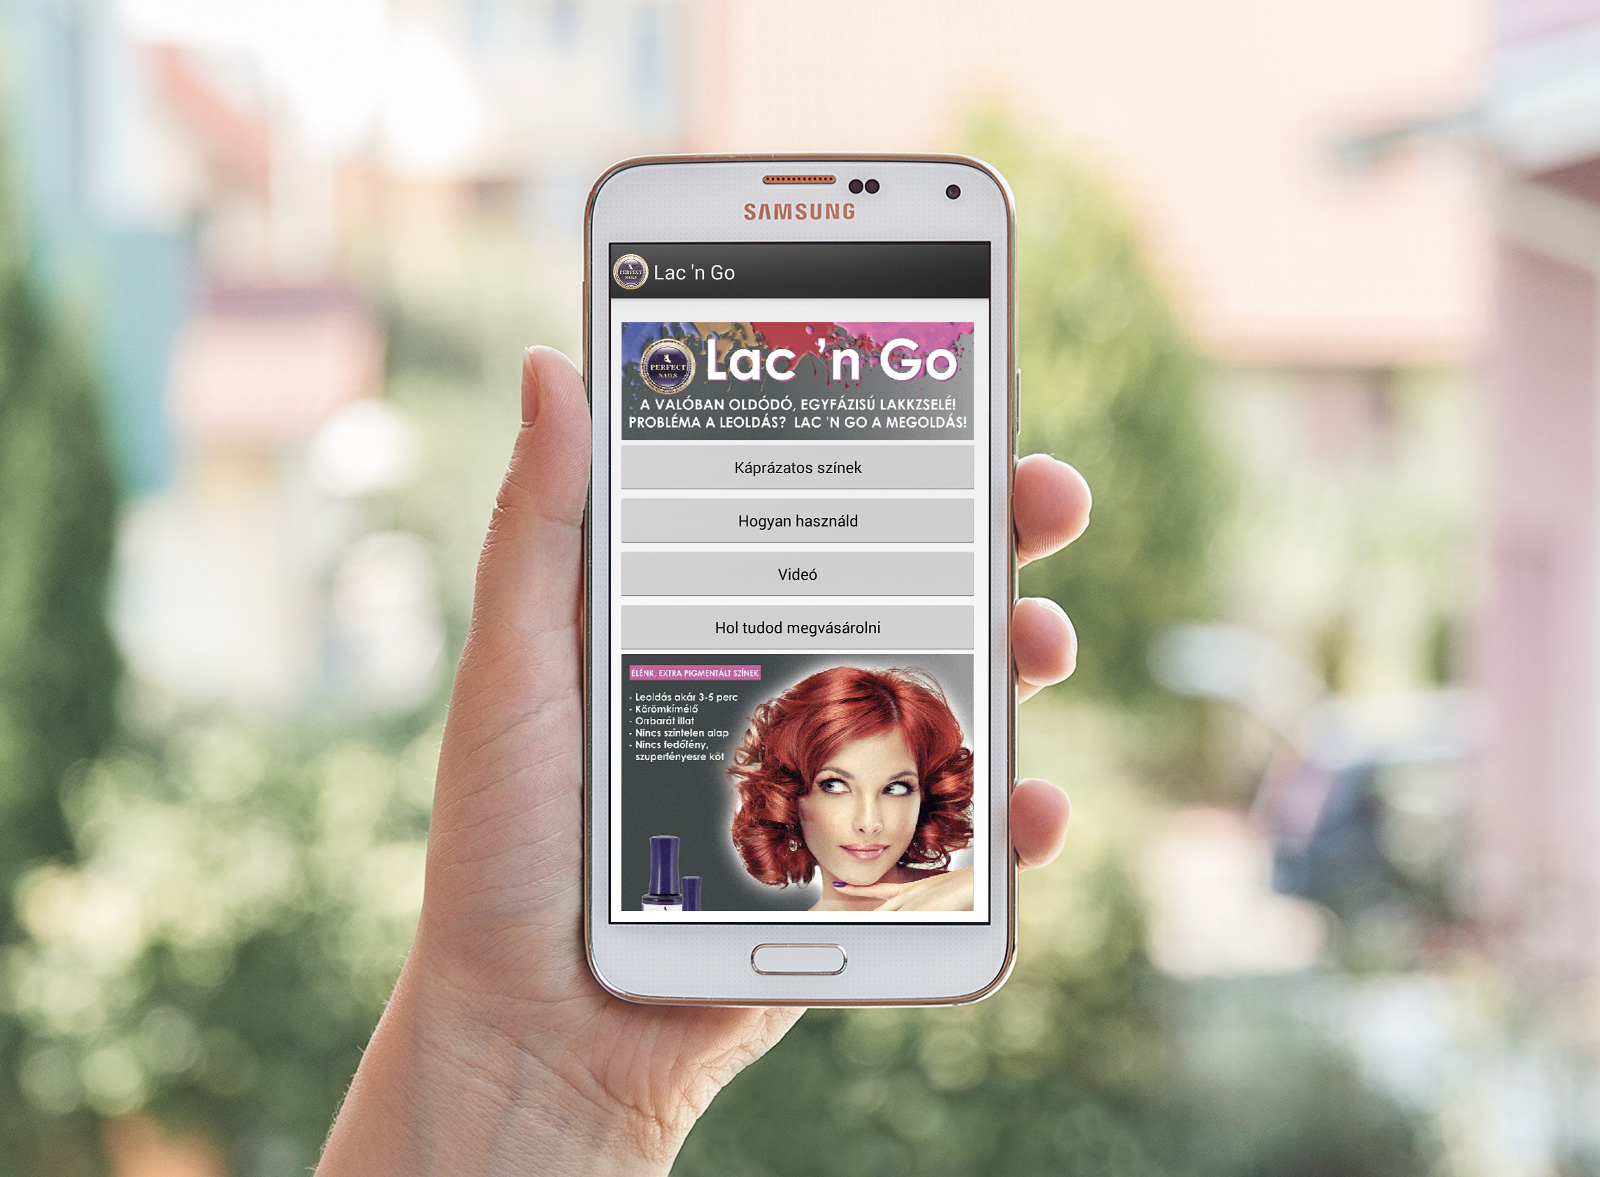 Applikációfejlesztés -Lizweb.hu